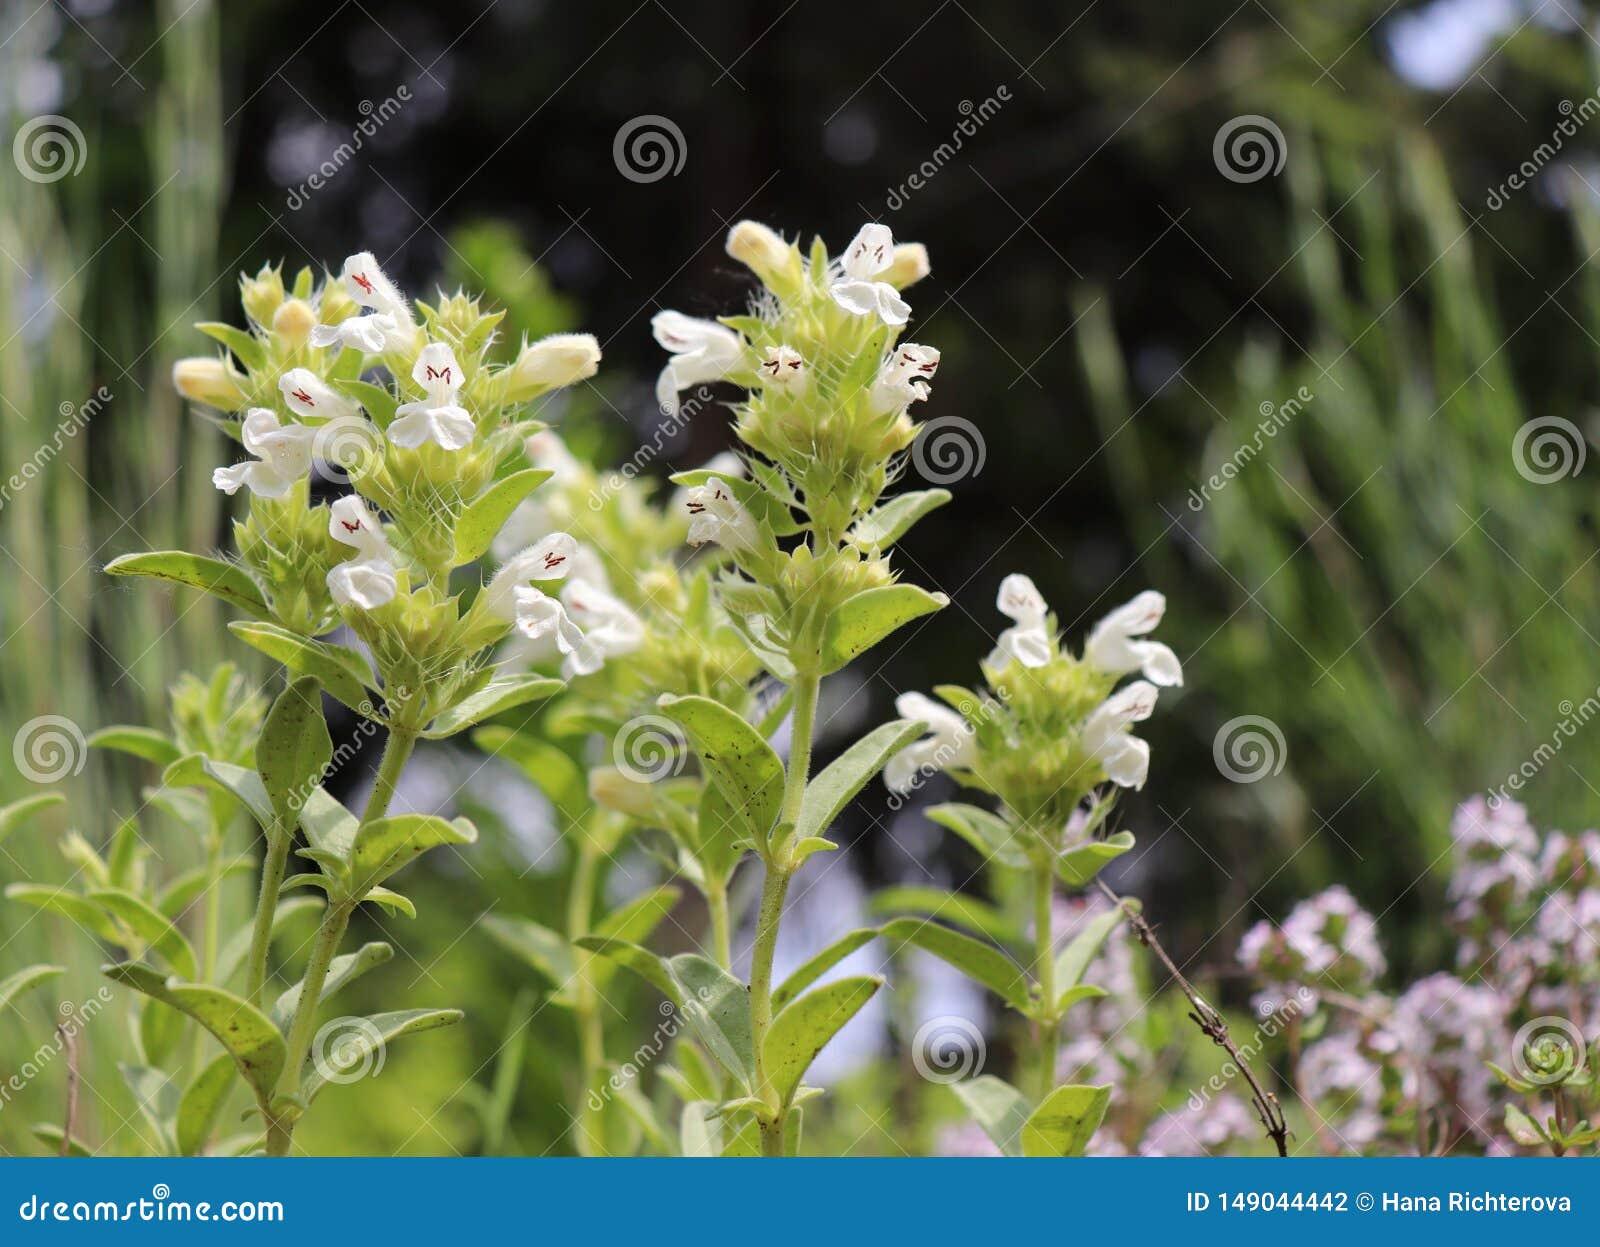 Το hyssop-με φύλλα hyssopifolia Sideritis βουνών ironwort είναι ένα αιώνιο χορτάρι εγγενές στα νοτιοδυτικά βουνά της Ευρώπης